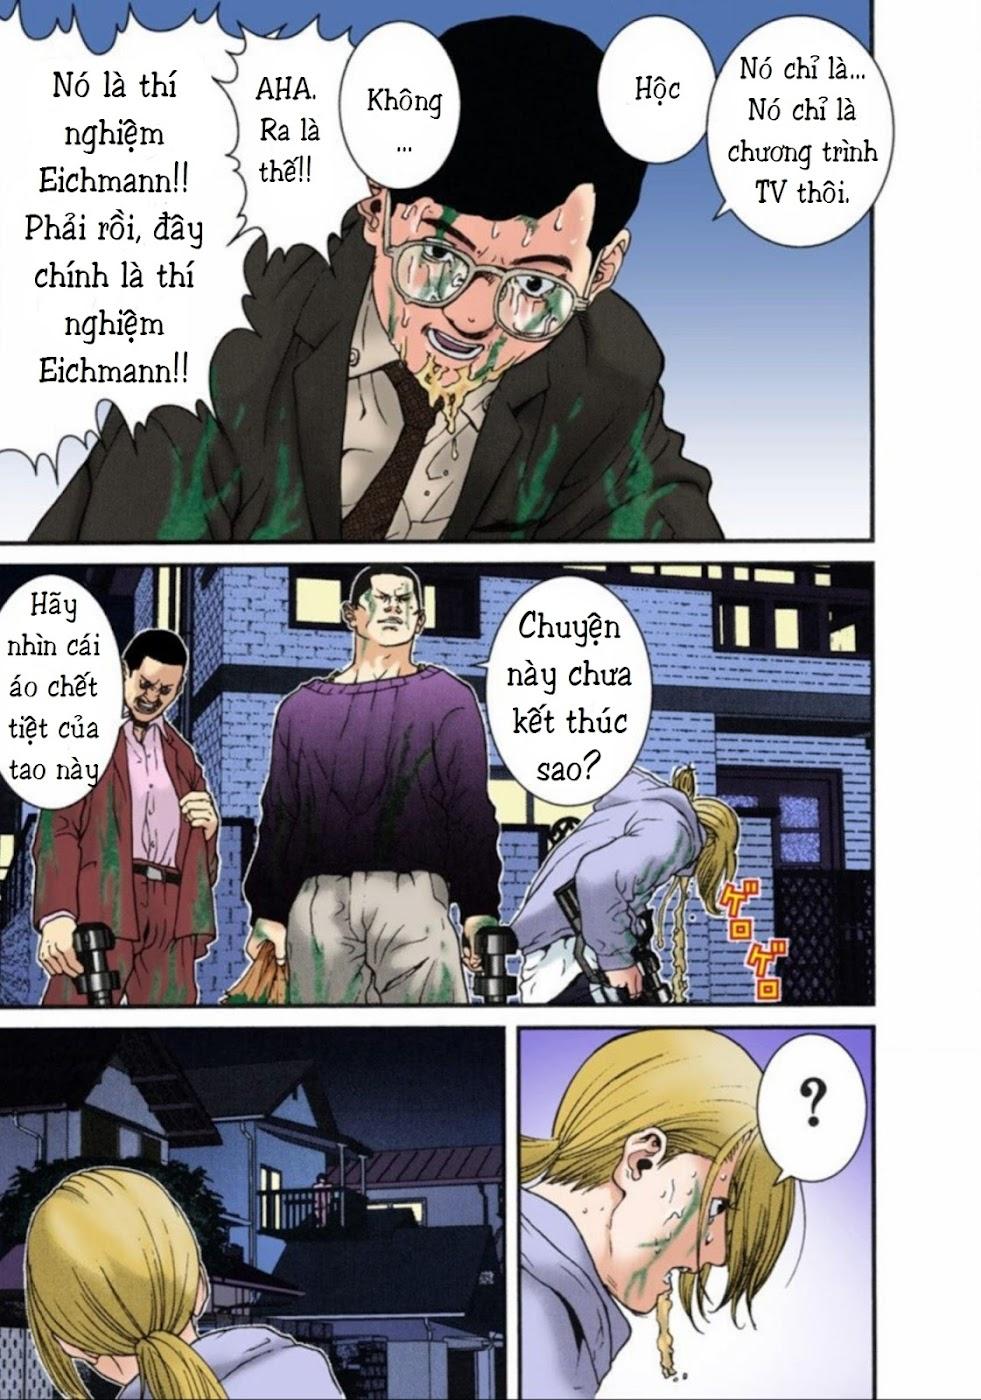 Gantz Chap 09: Thí nghiệm EichMann trang 7